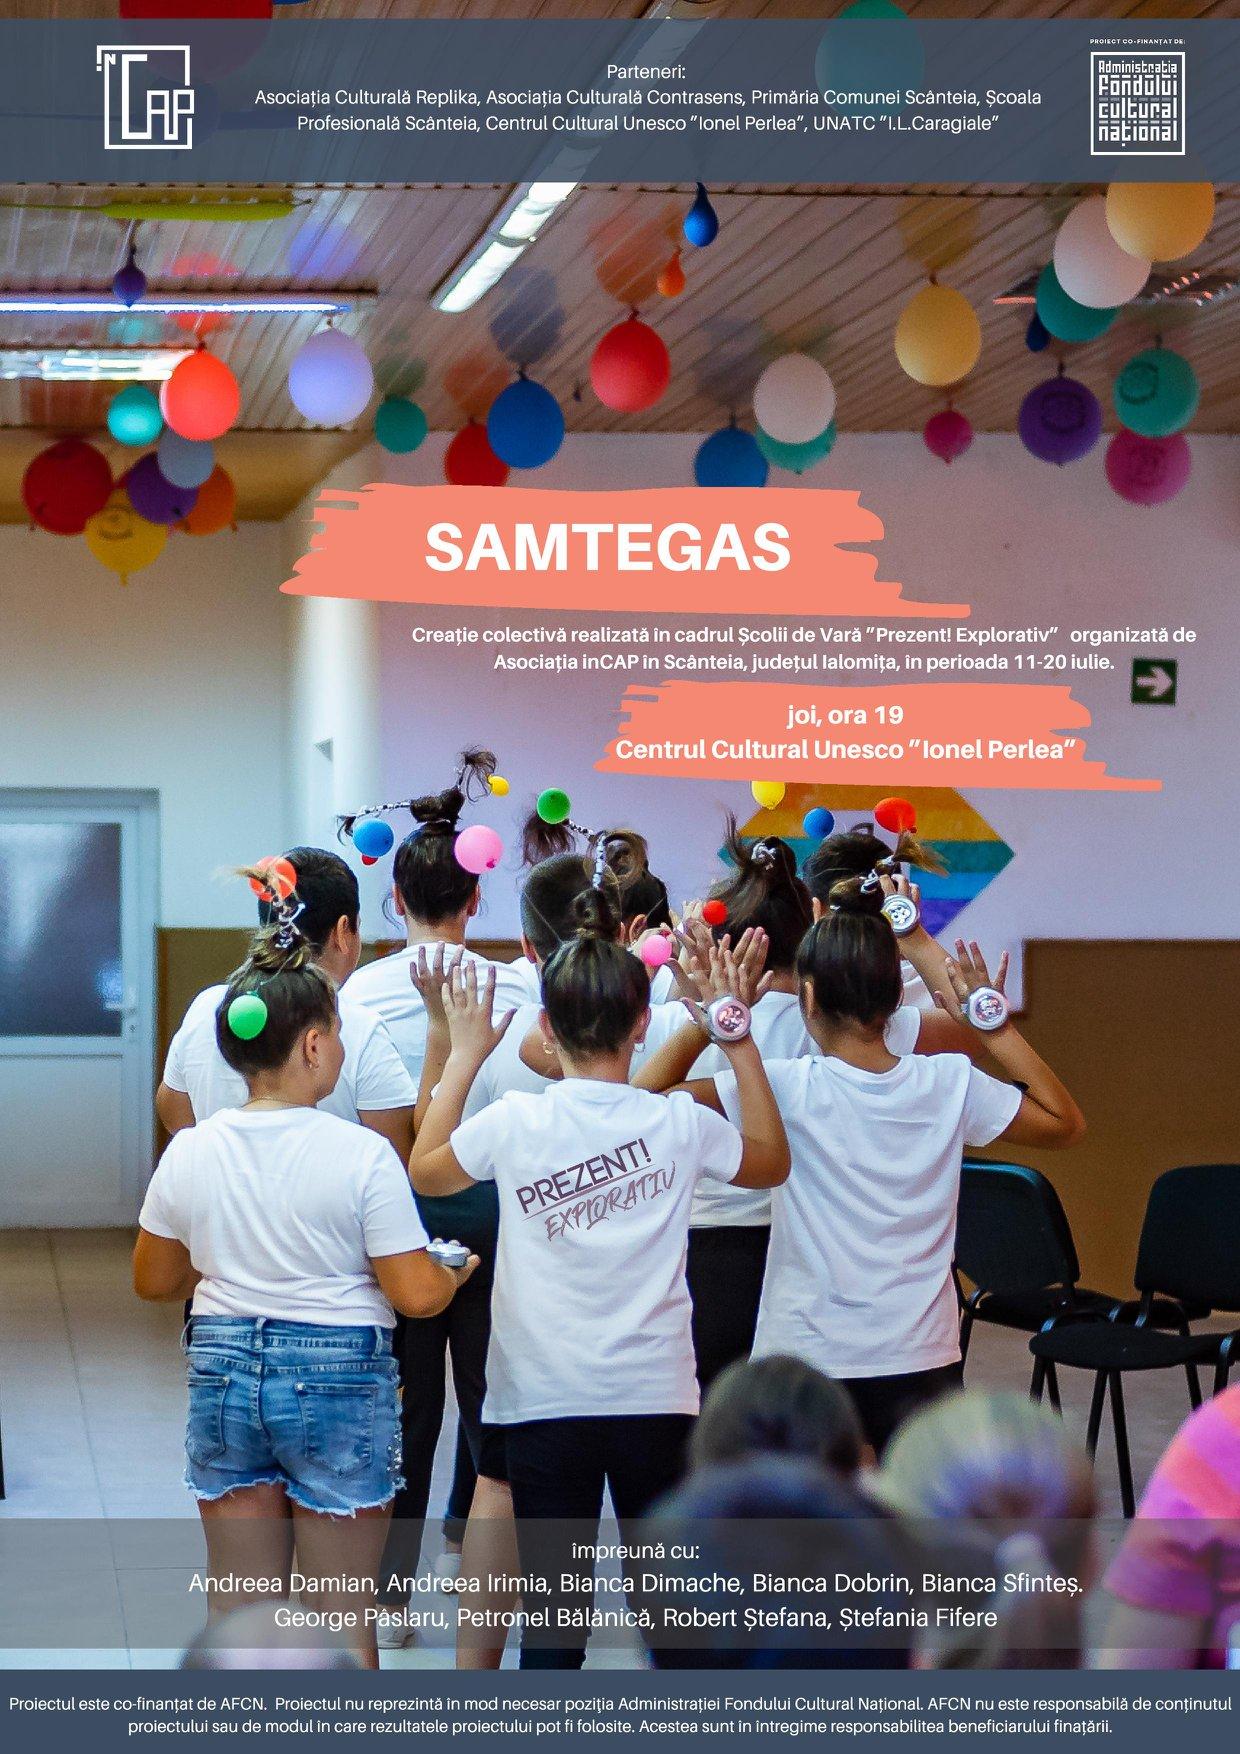 """Creație colectivă în cadrul Școlii de Vară ,, Prezent! Explorativ"""", 25 iulie 2019 ora 19:00, pe esplanada Centrului Cultural UNESCO ,, Ionel Perlea"""""""